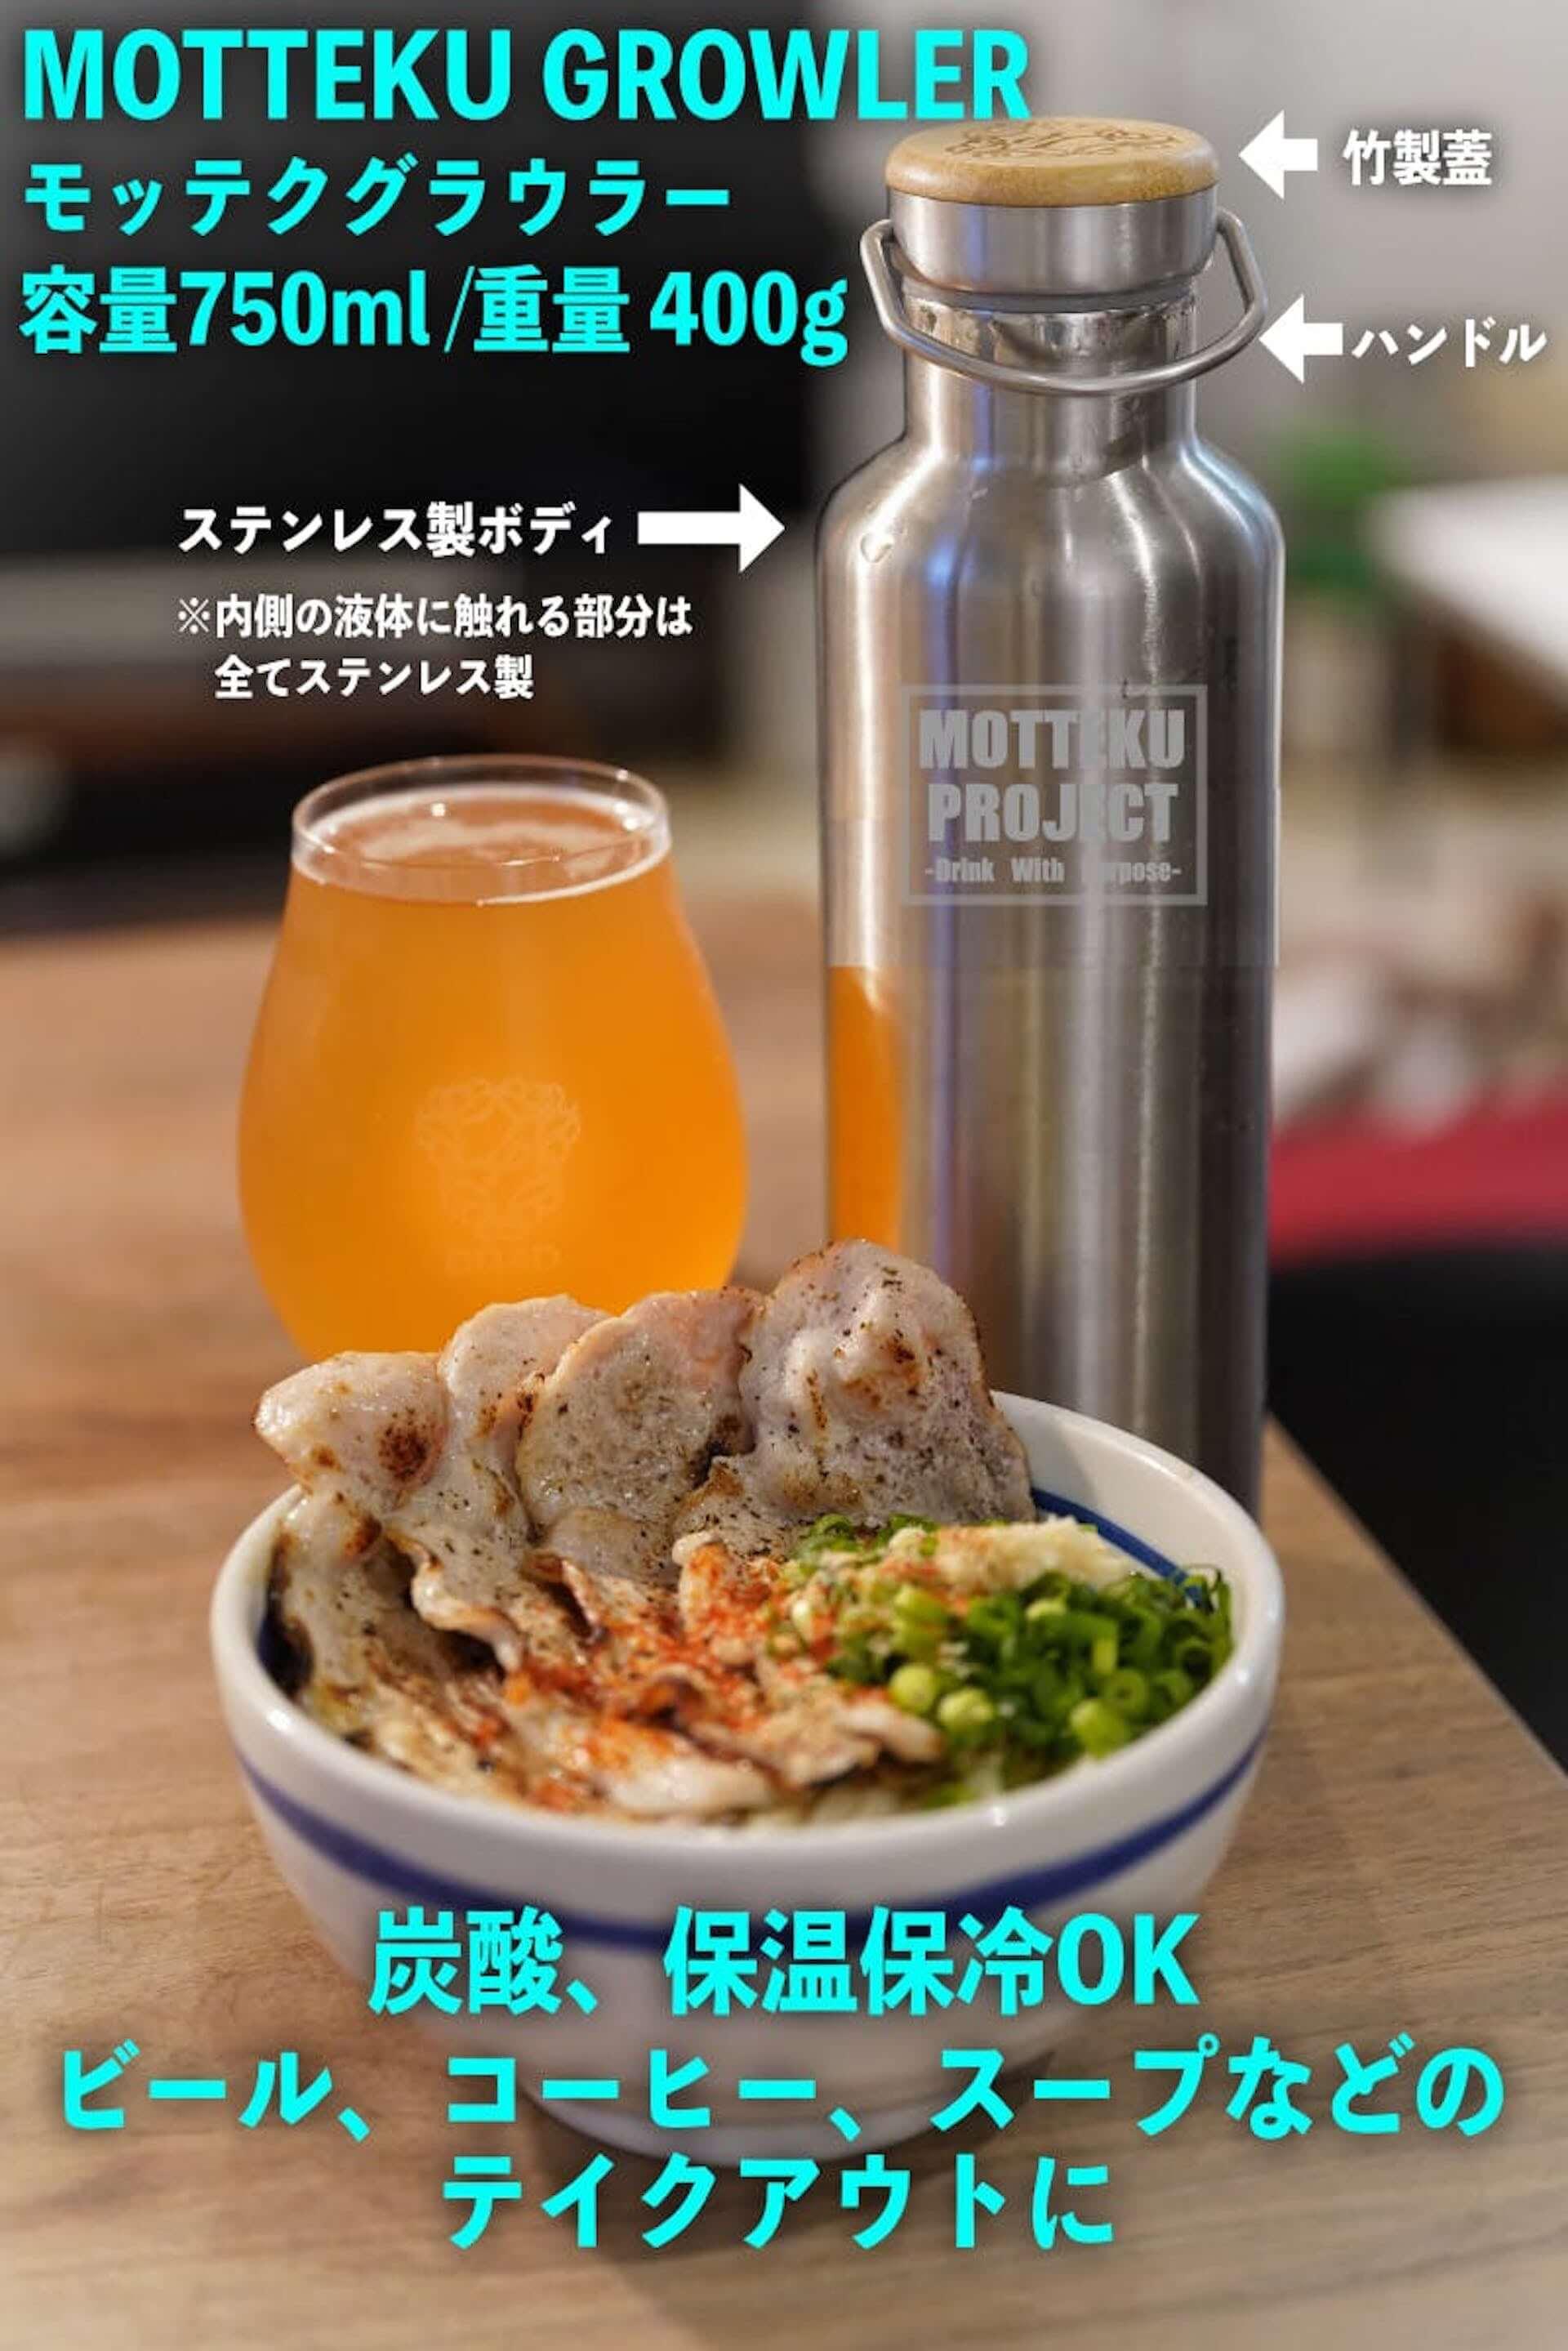 テイクアウトボトルで飲食店を応援しよう!クラウドファンディング「MOTTEKU PROJECT」が開始 gourmet200519_motteku_project_2-1920x2878